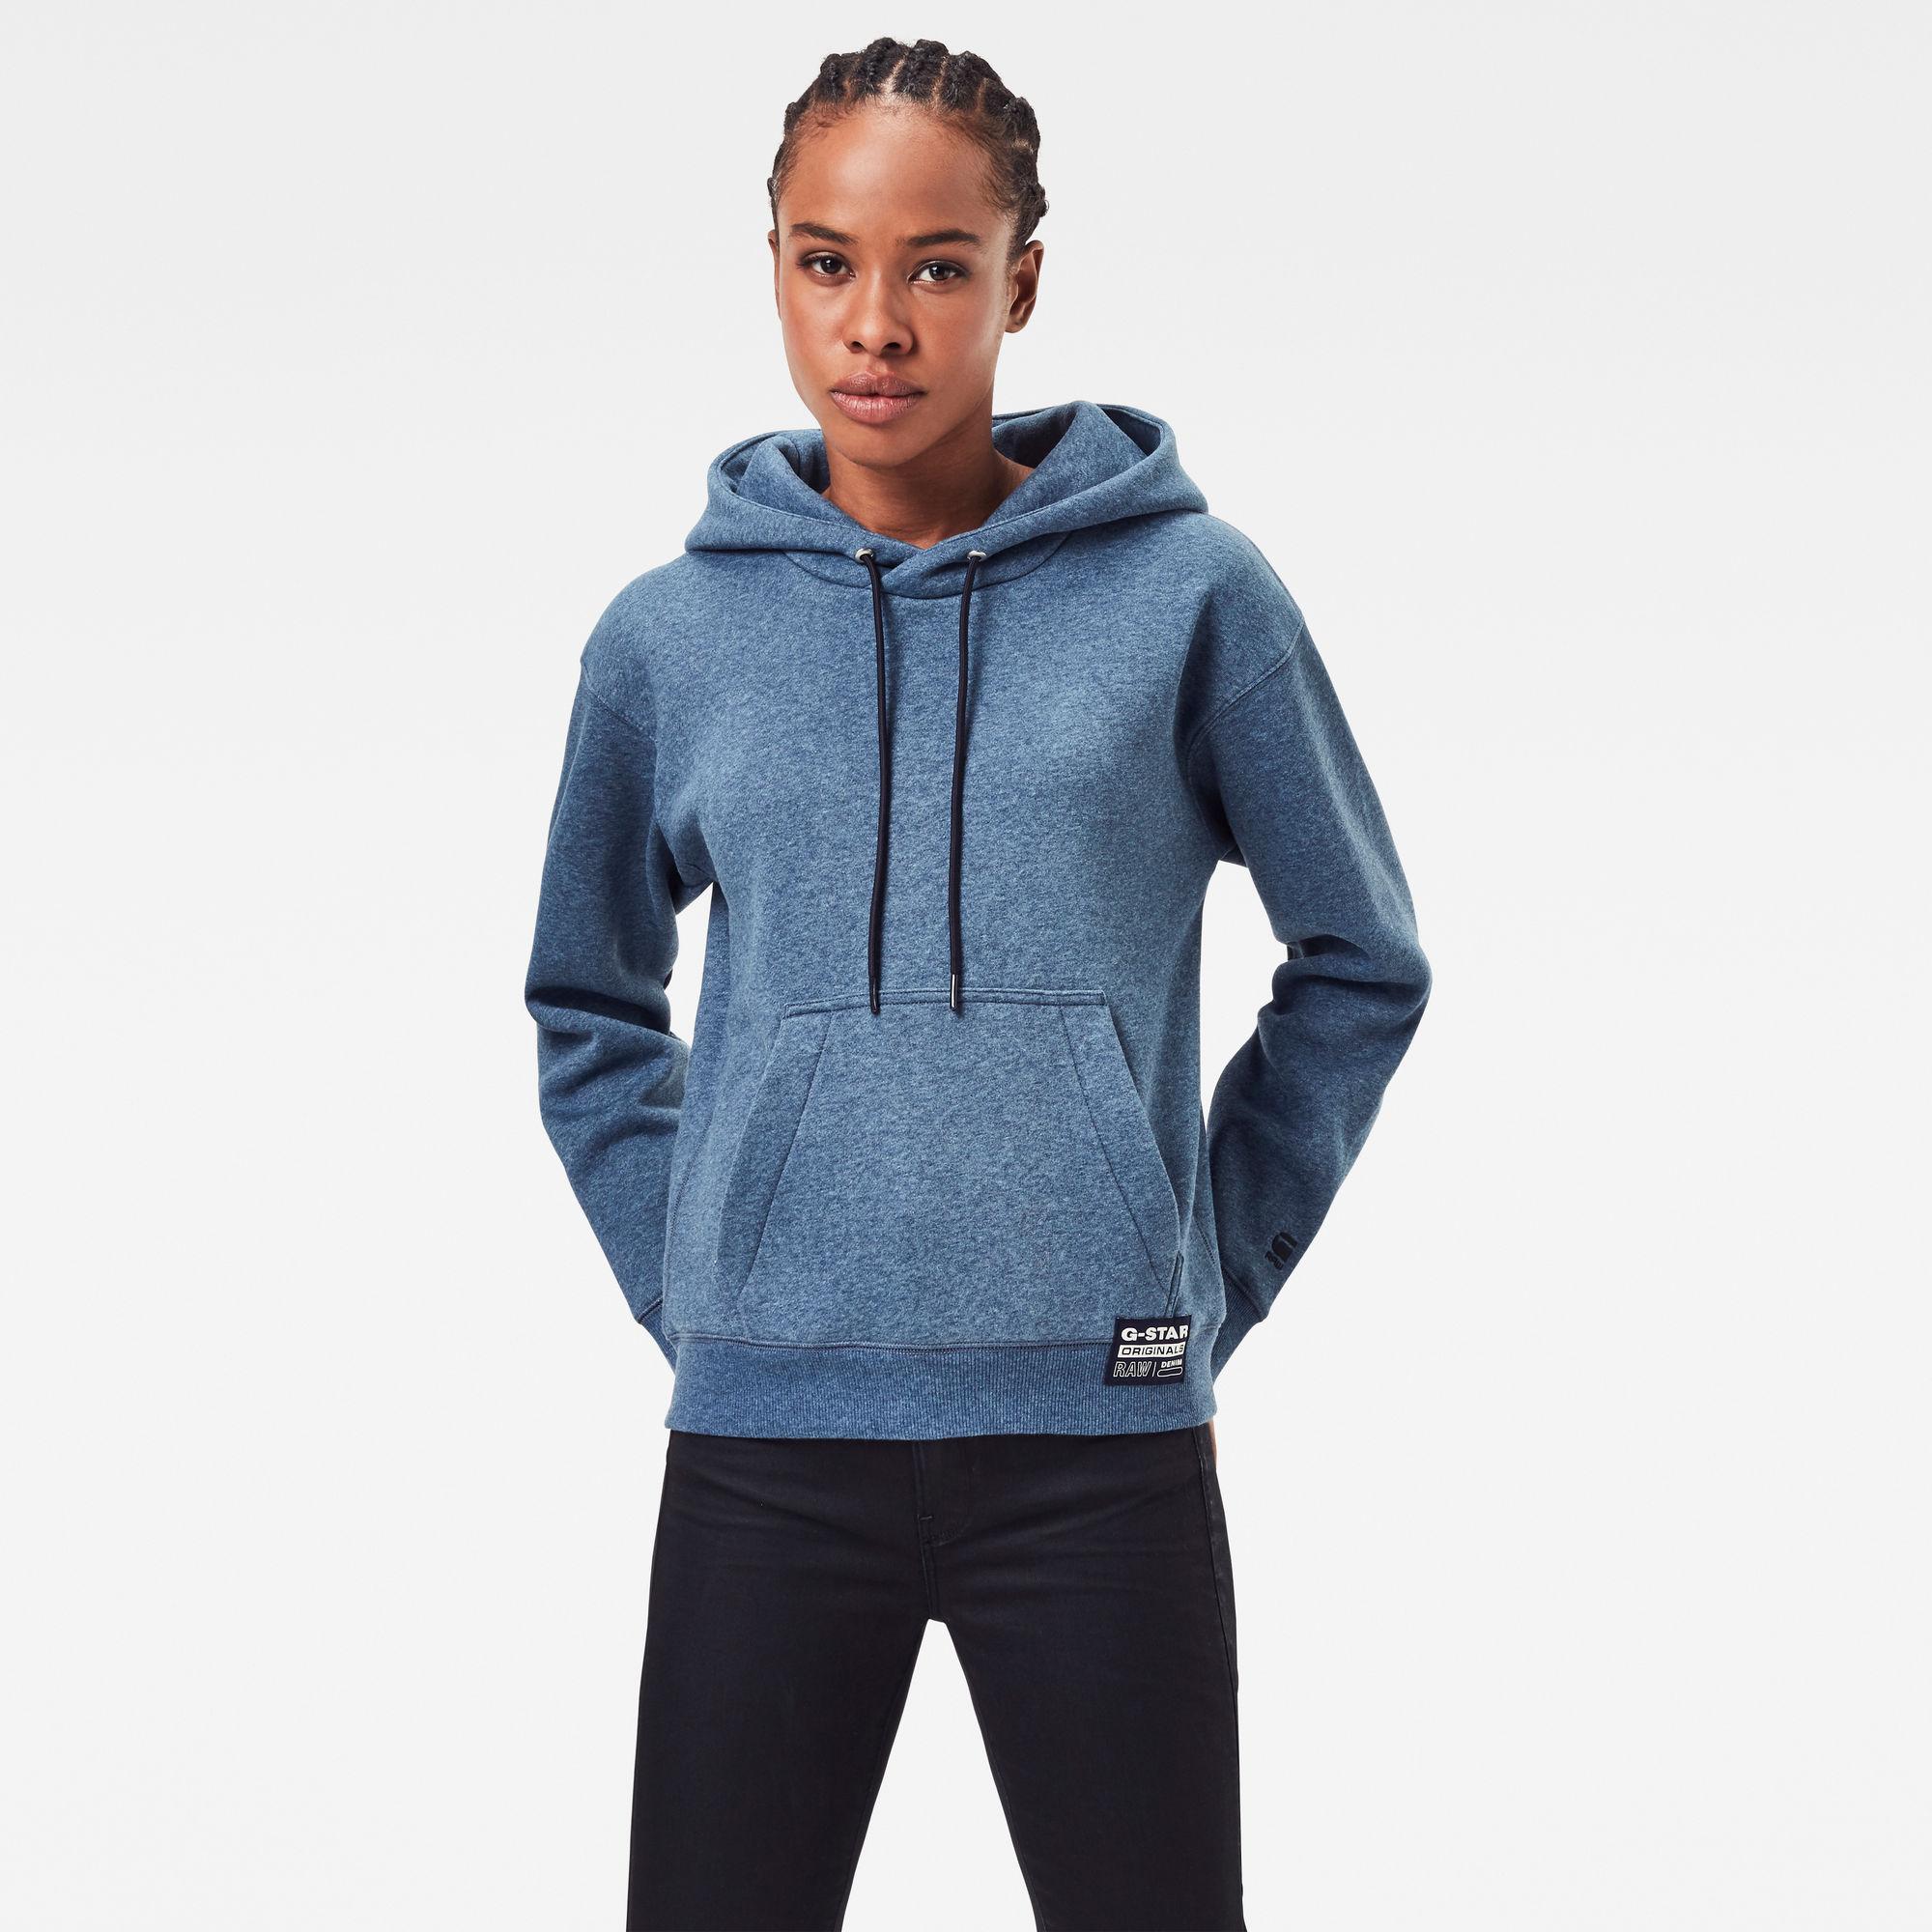 G-Star RAW Dames Premium Core Hoodie Blauw